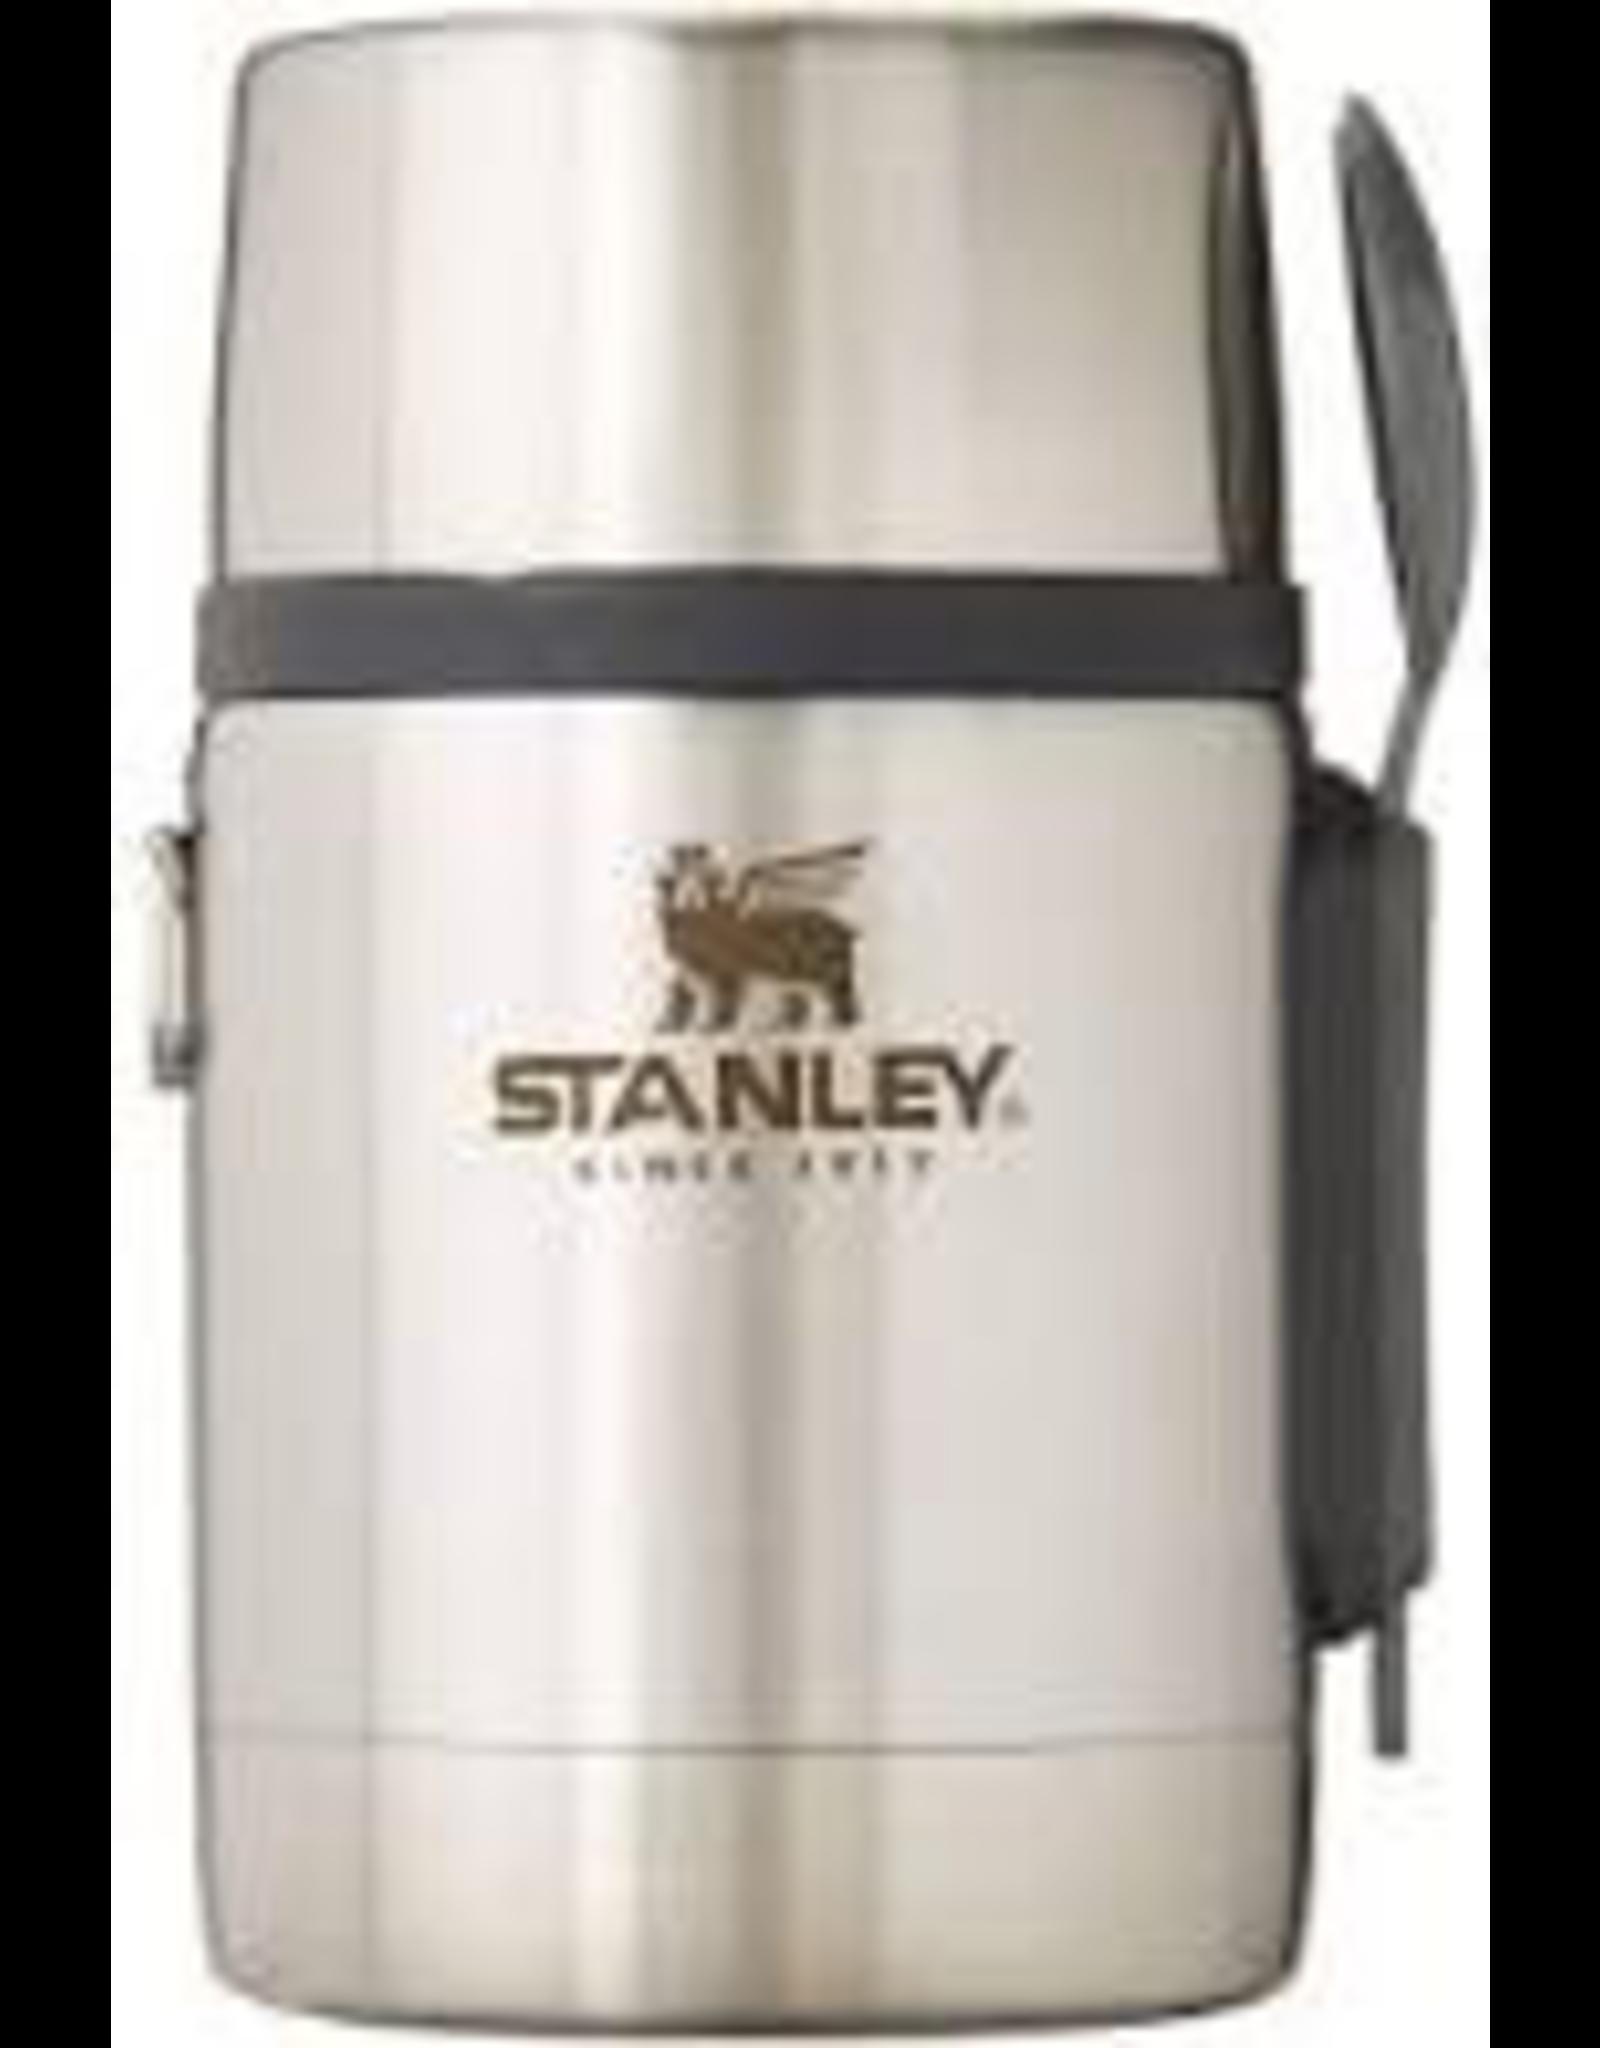 Stanley Stanley Adventure All-In-One 18 oz. Stainless Steel Food Jar